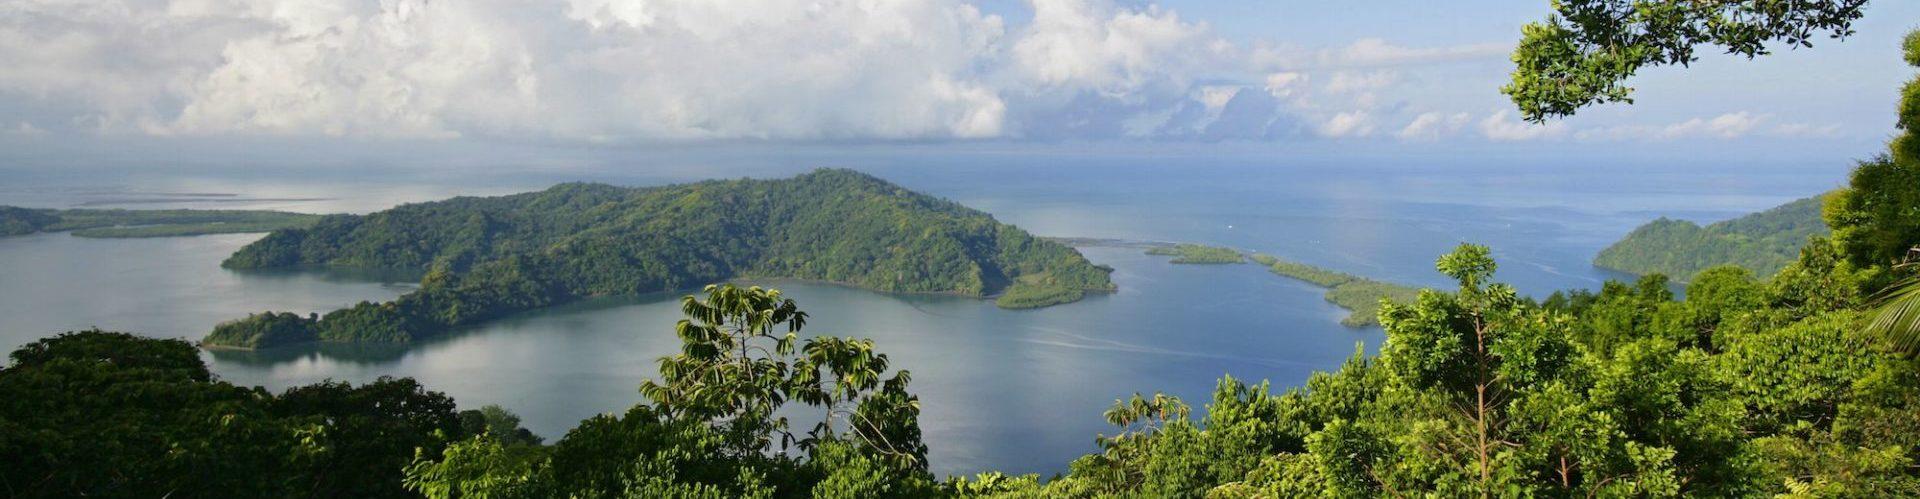 Costa Rica, Regenwald, Sicht auf Bucht, Latin America Tours, Reisen